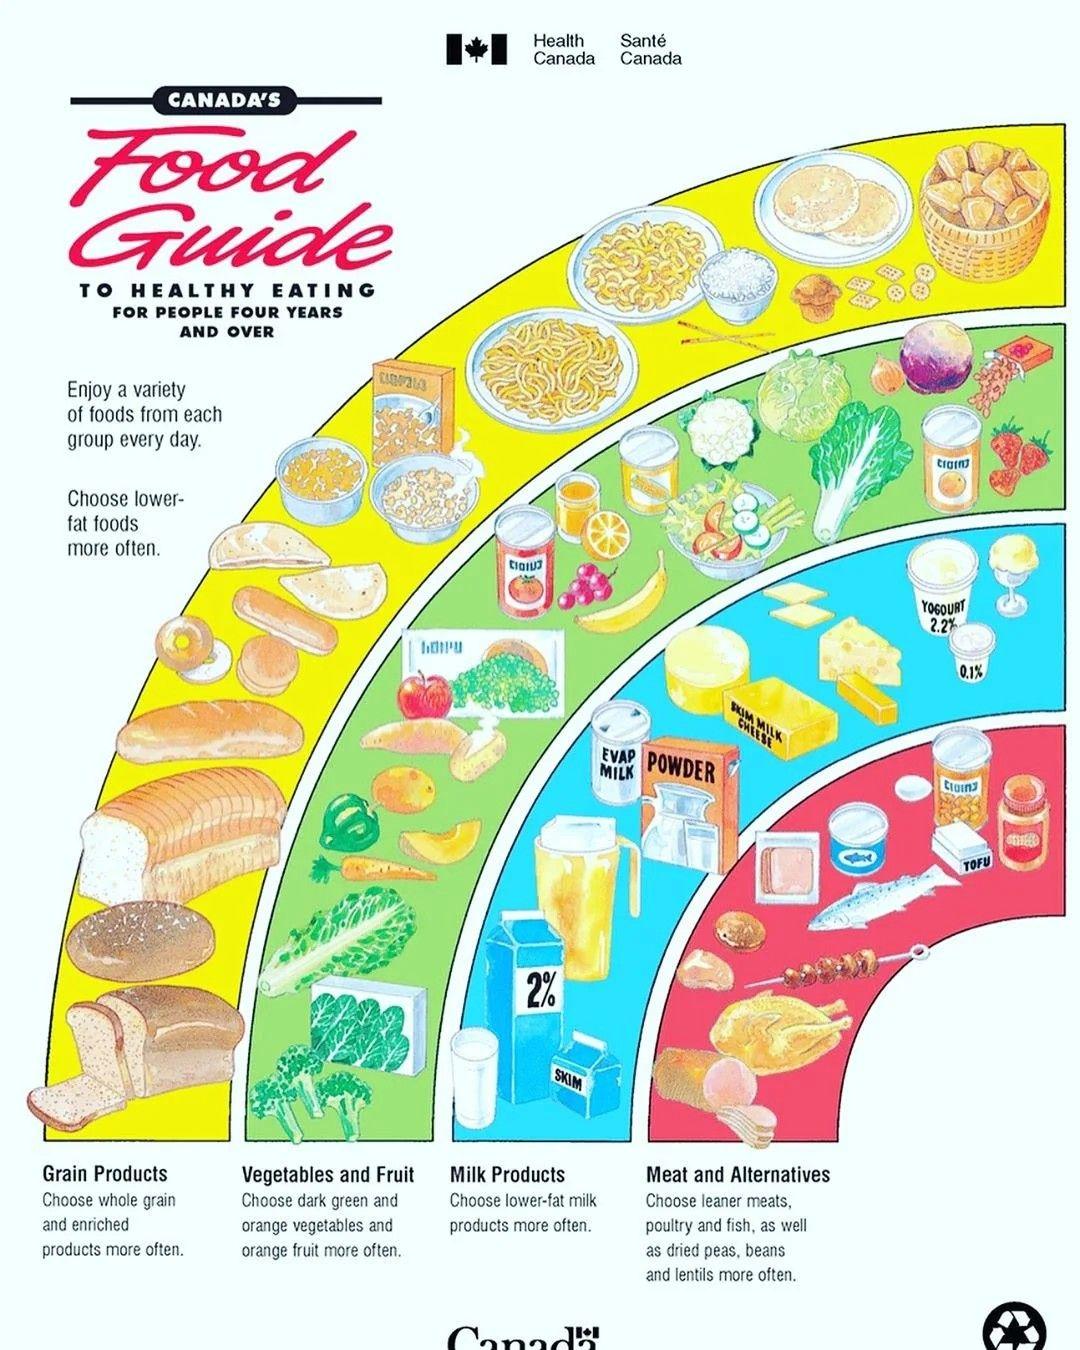 Canada Food Guide Canada food guide, Canada food, Four